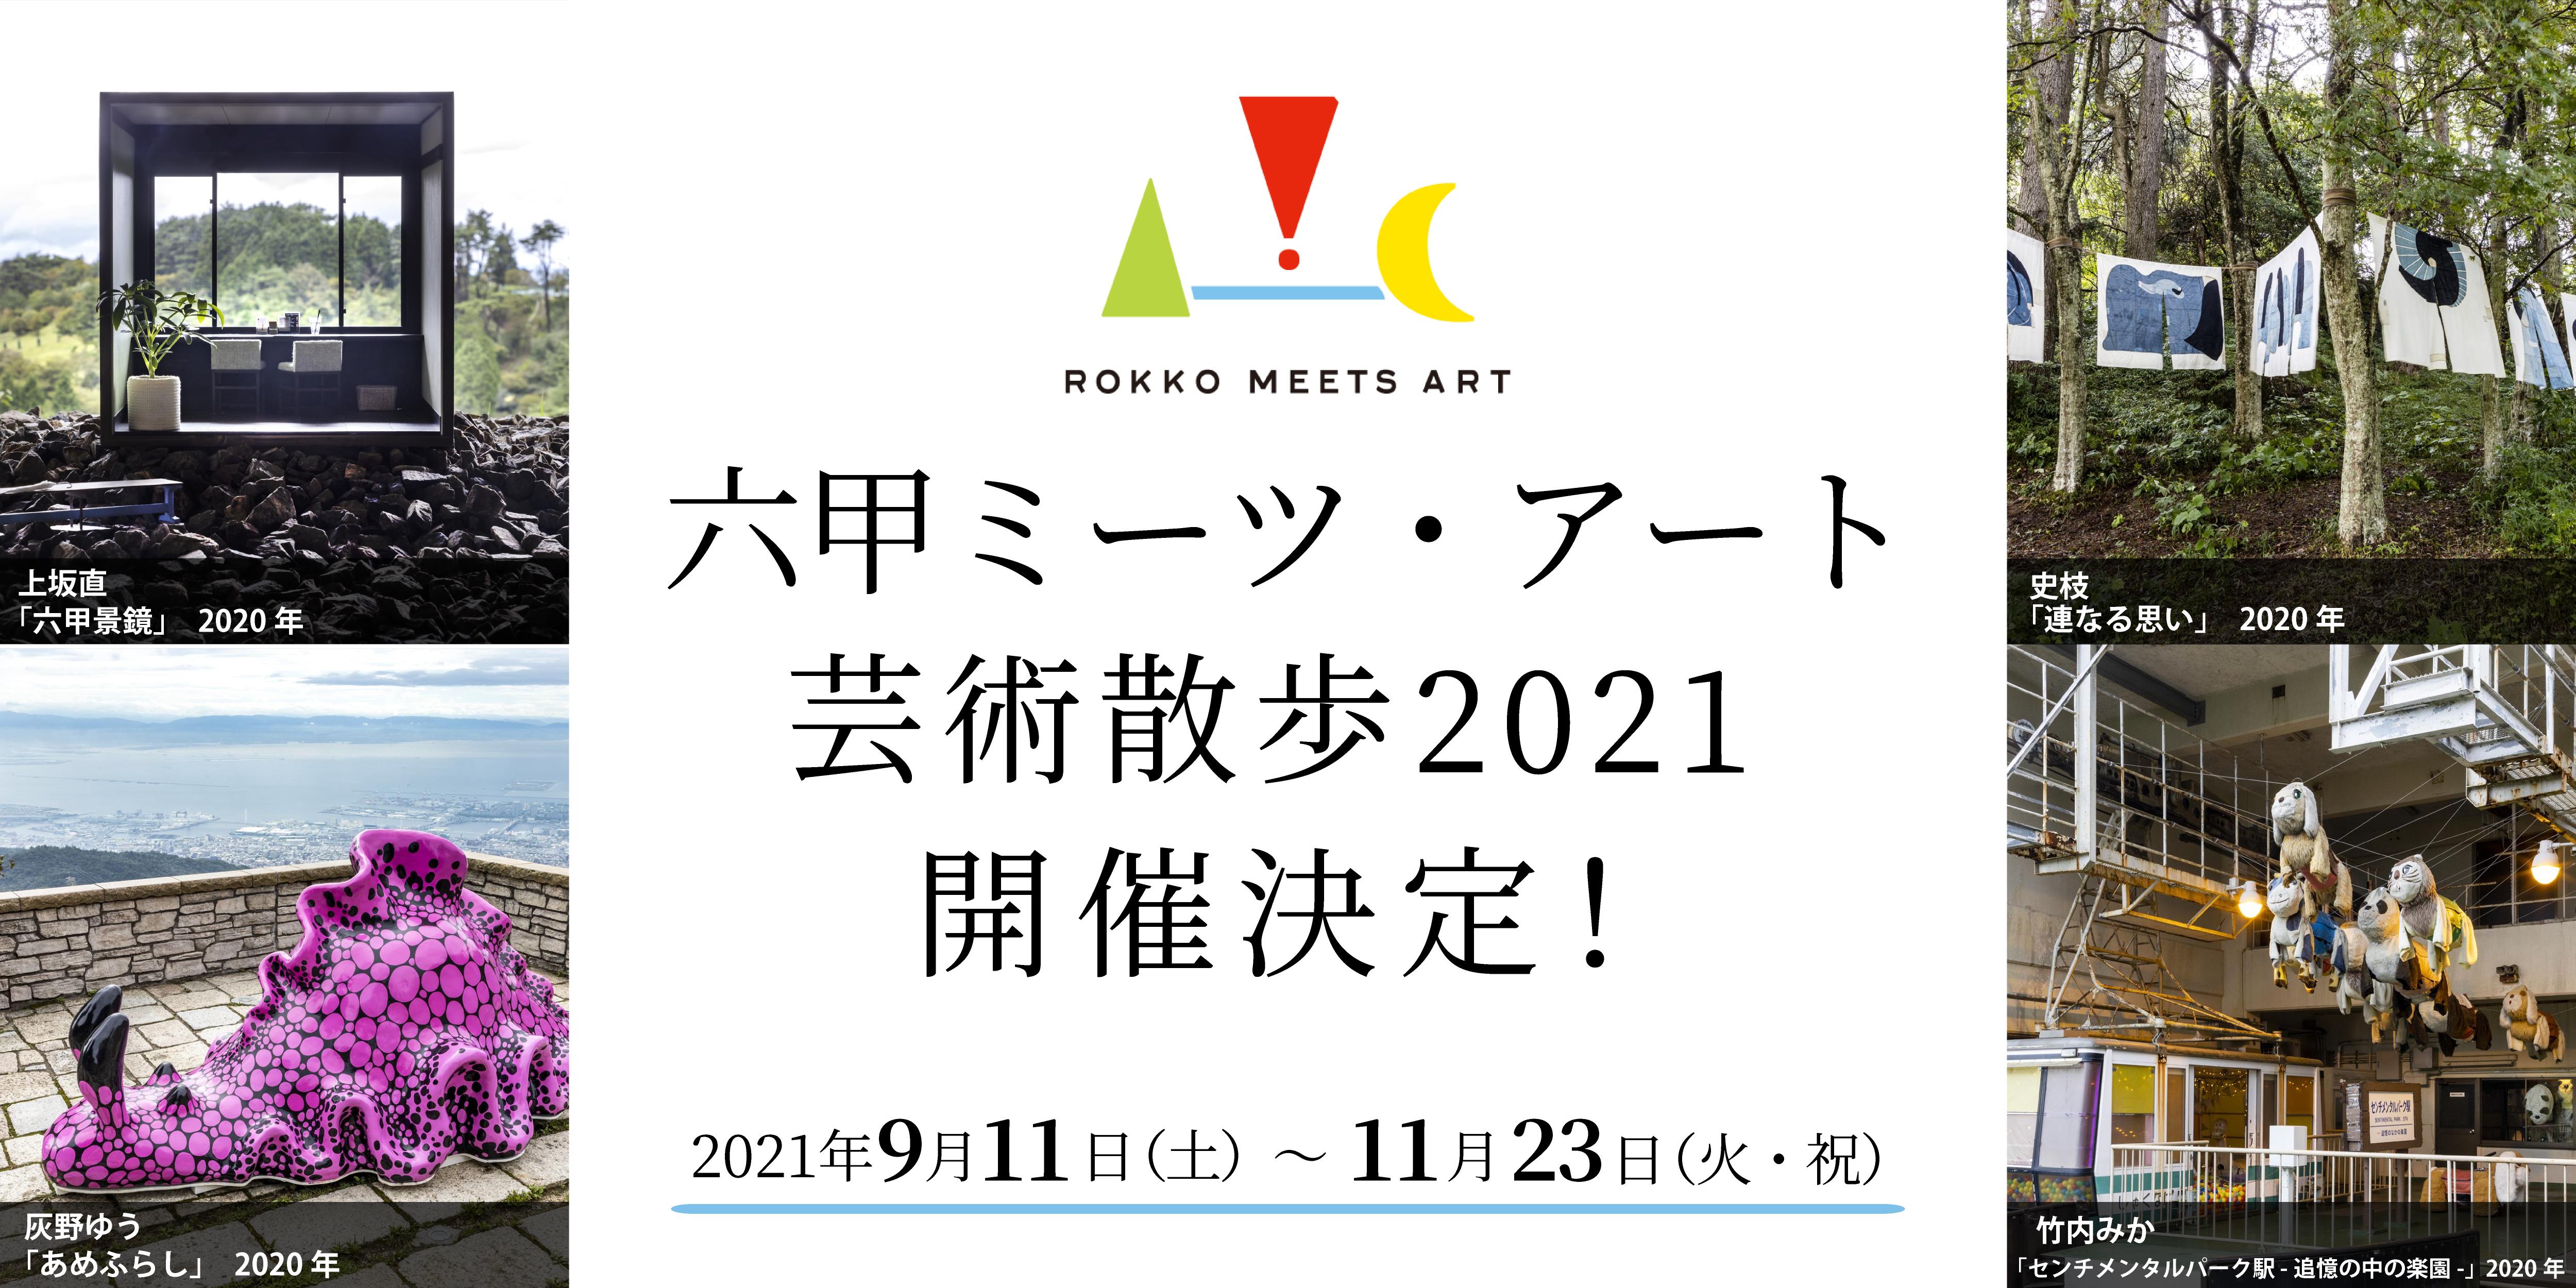 六甲ミーツ・アート芸術散歩2021開催決定!